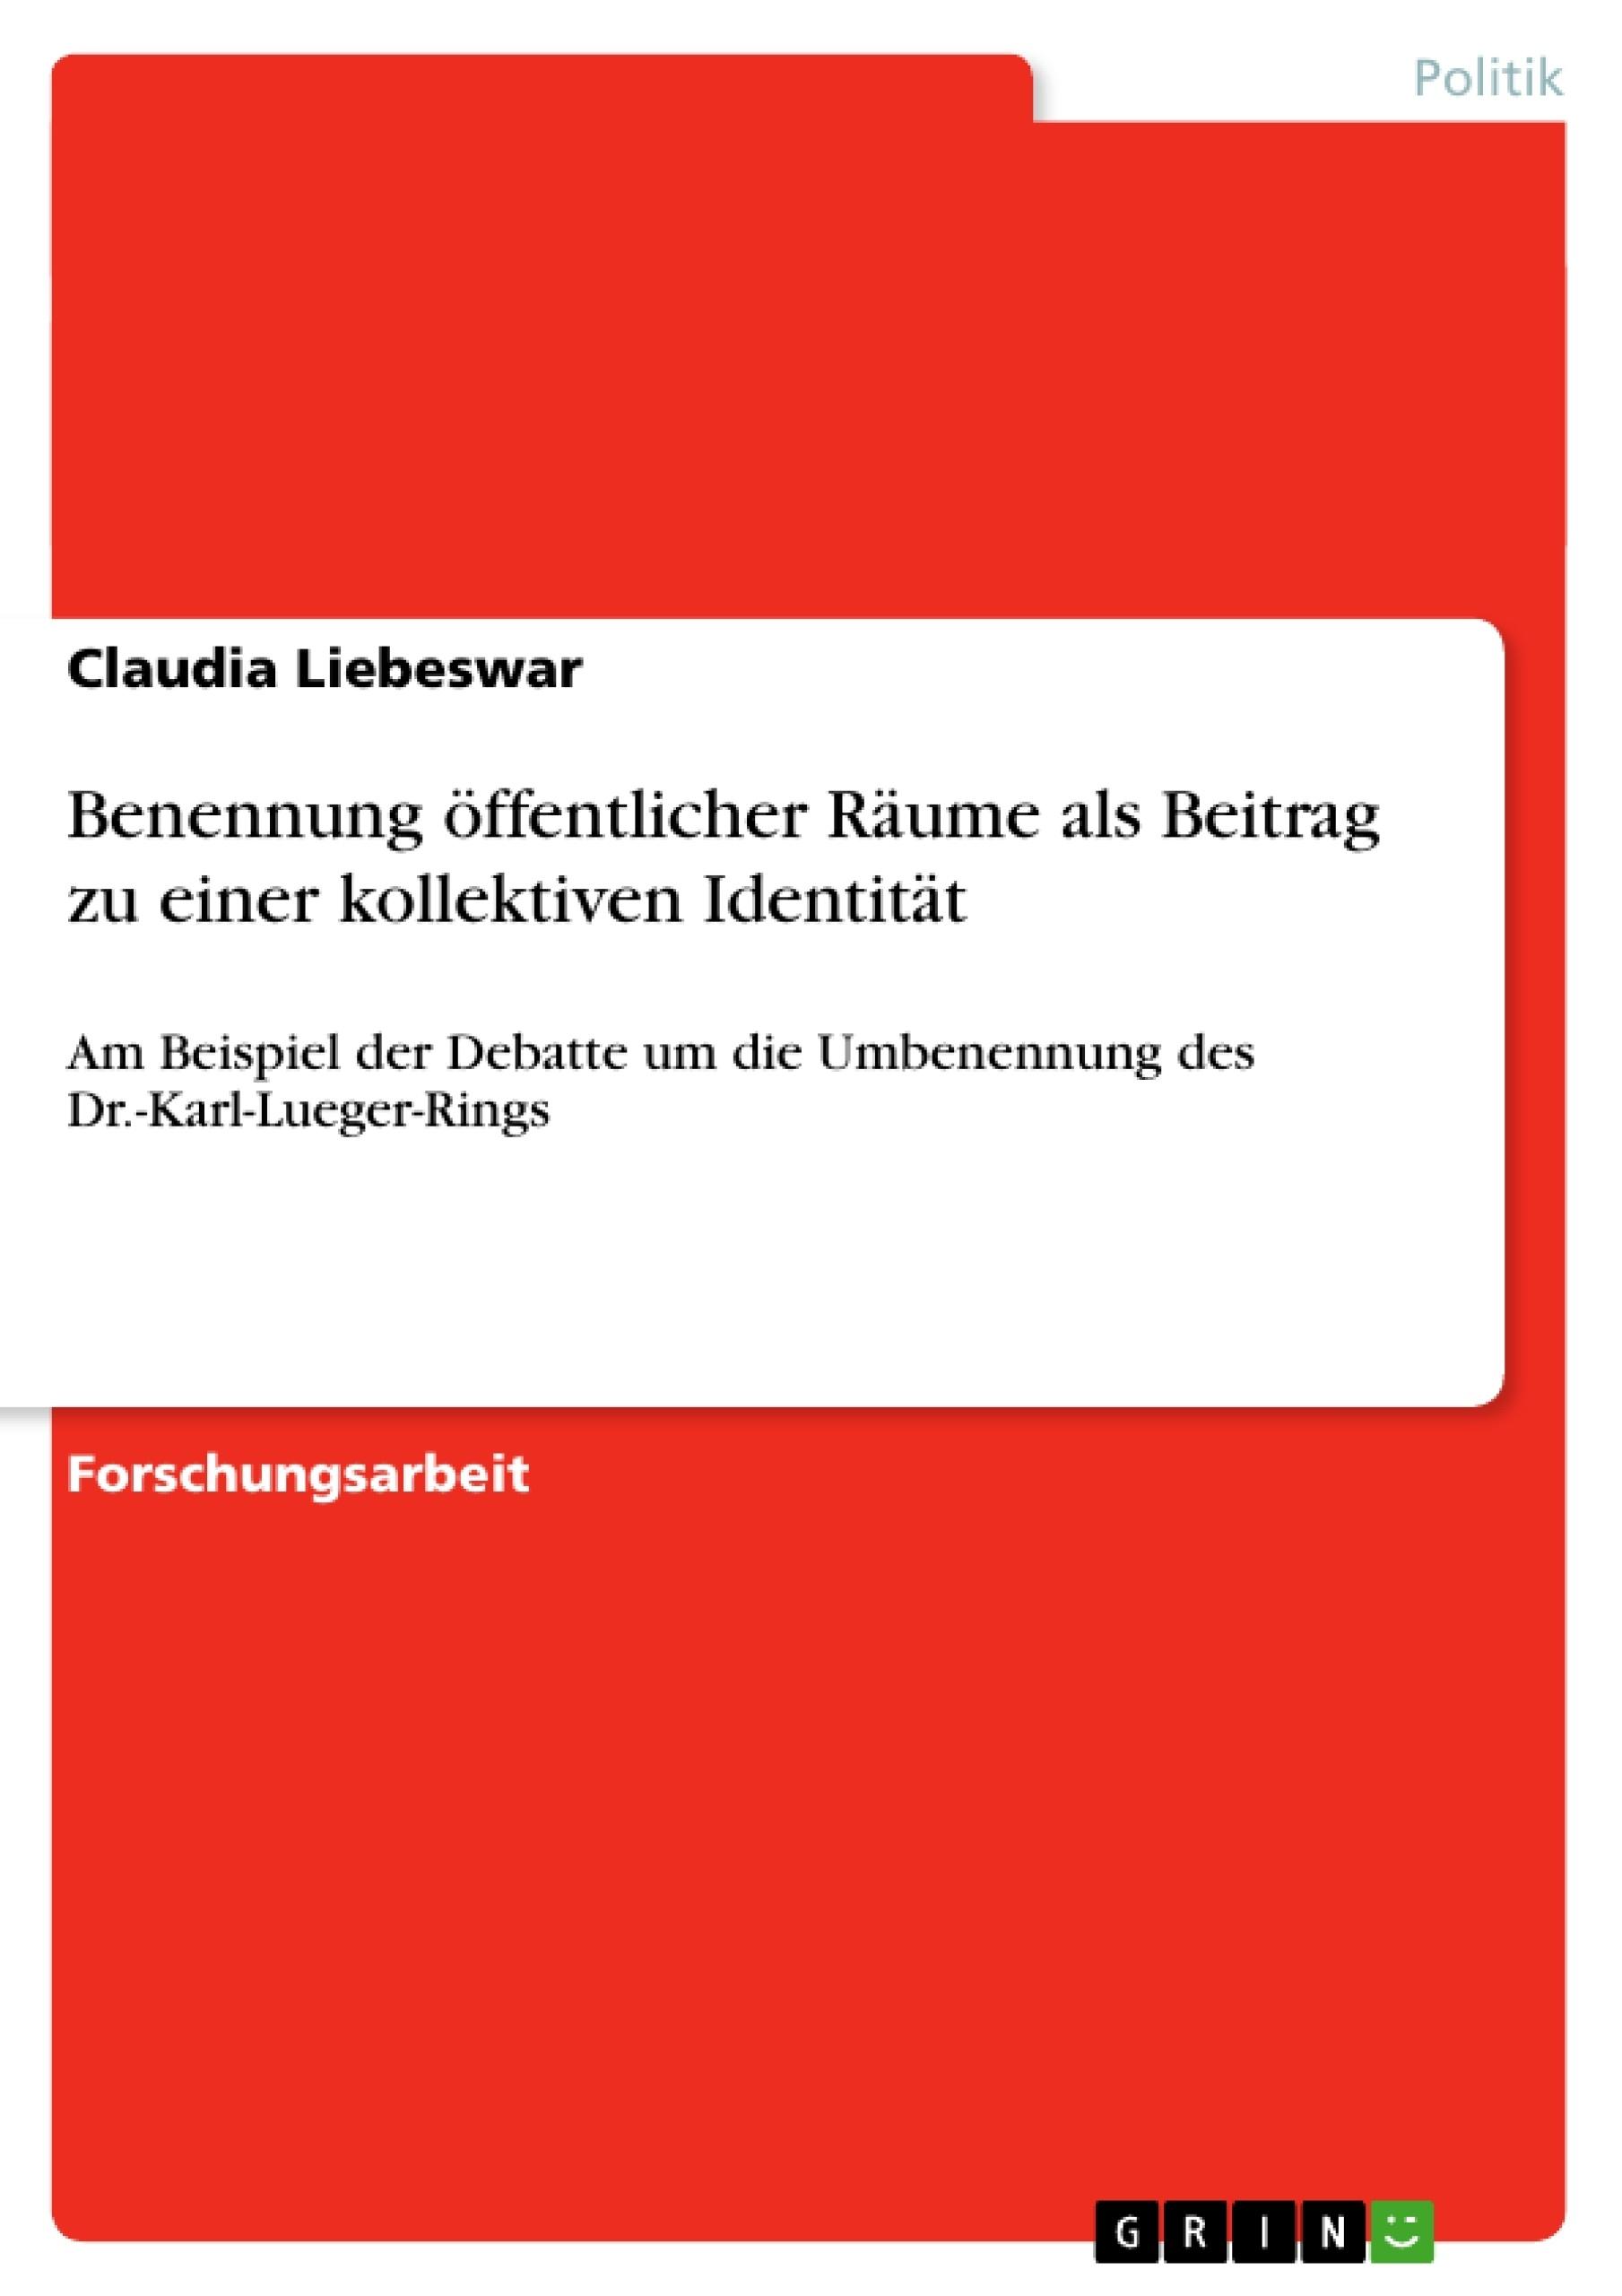 Titel: Benennung öffentlicher Räume als Beitrag zu einer kollektiven Identität